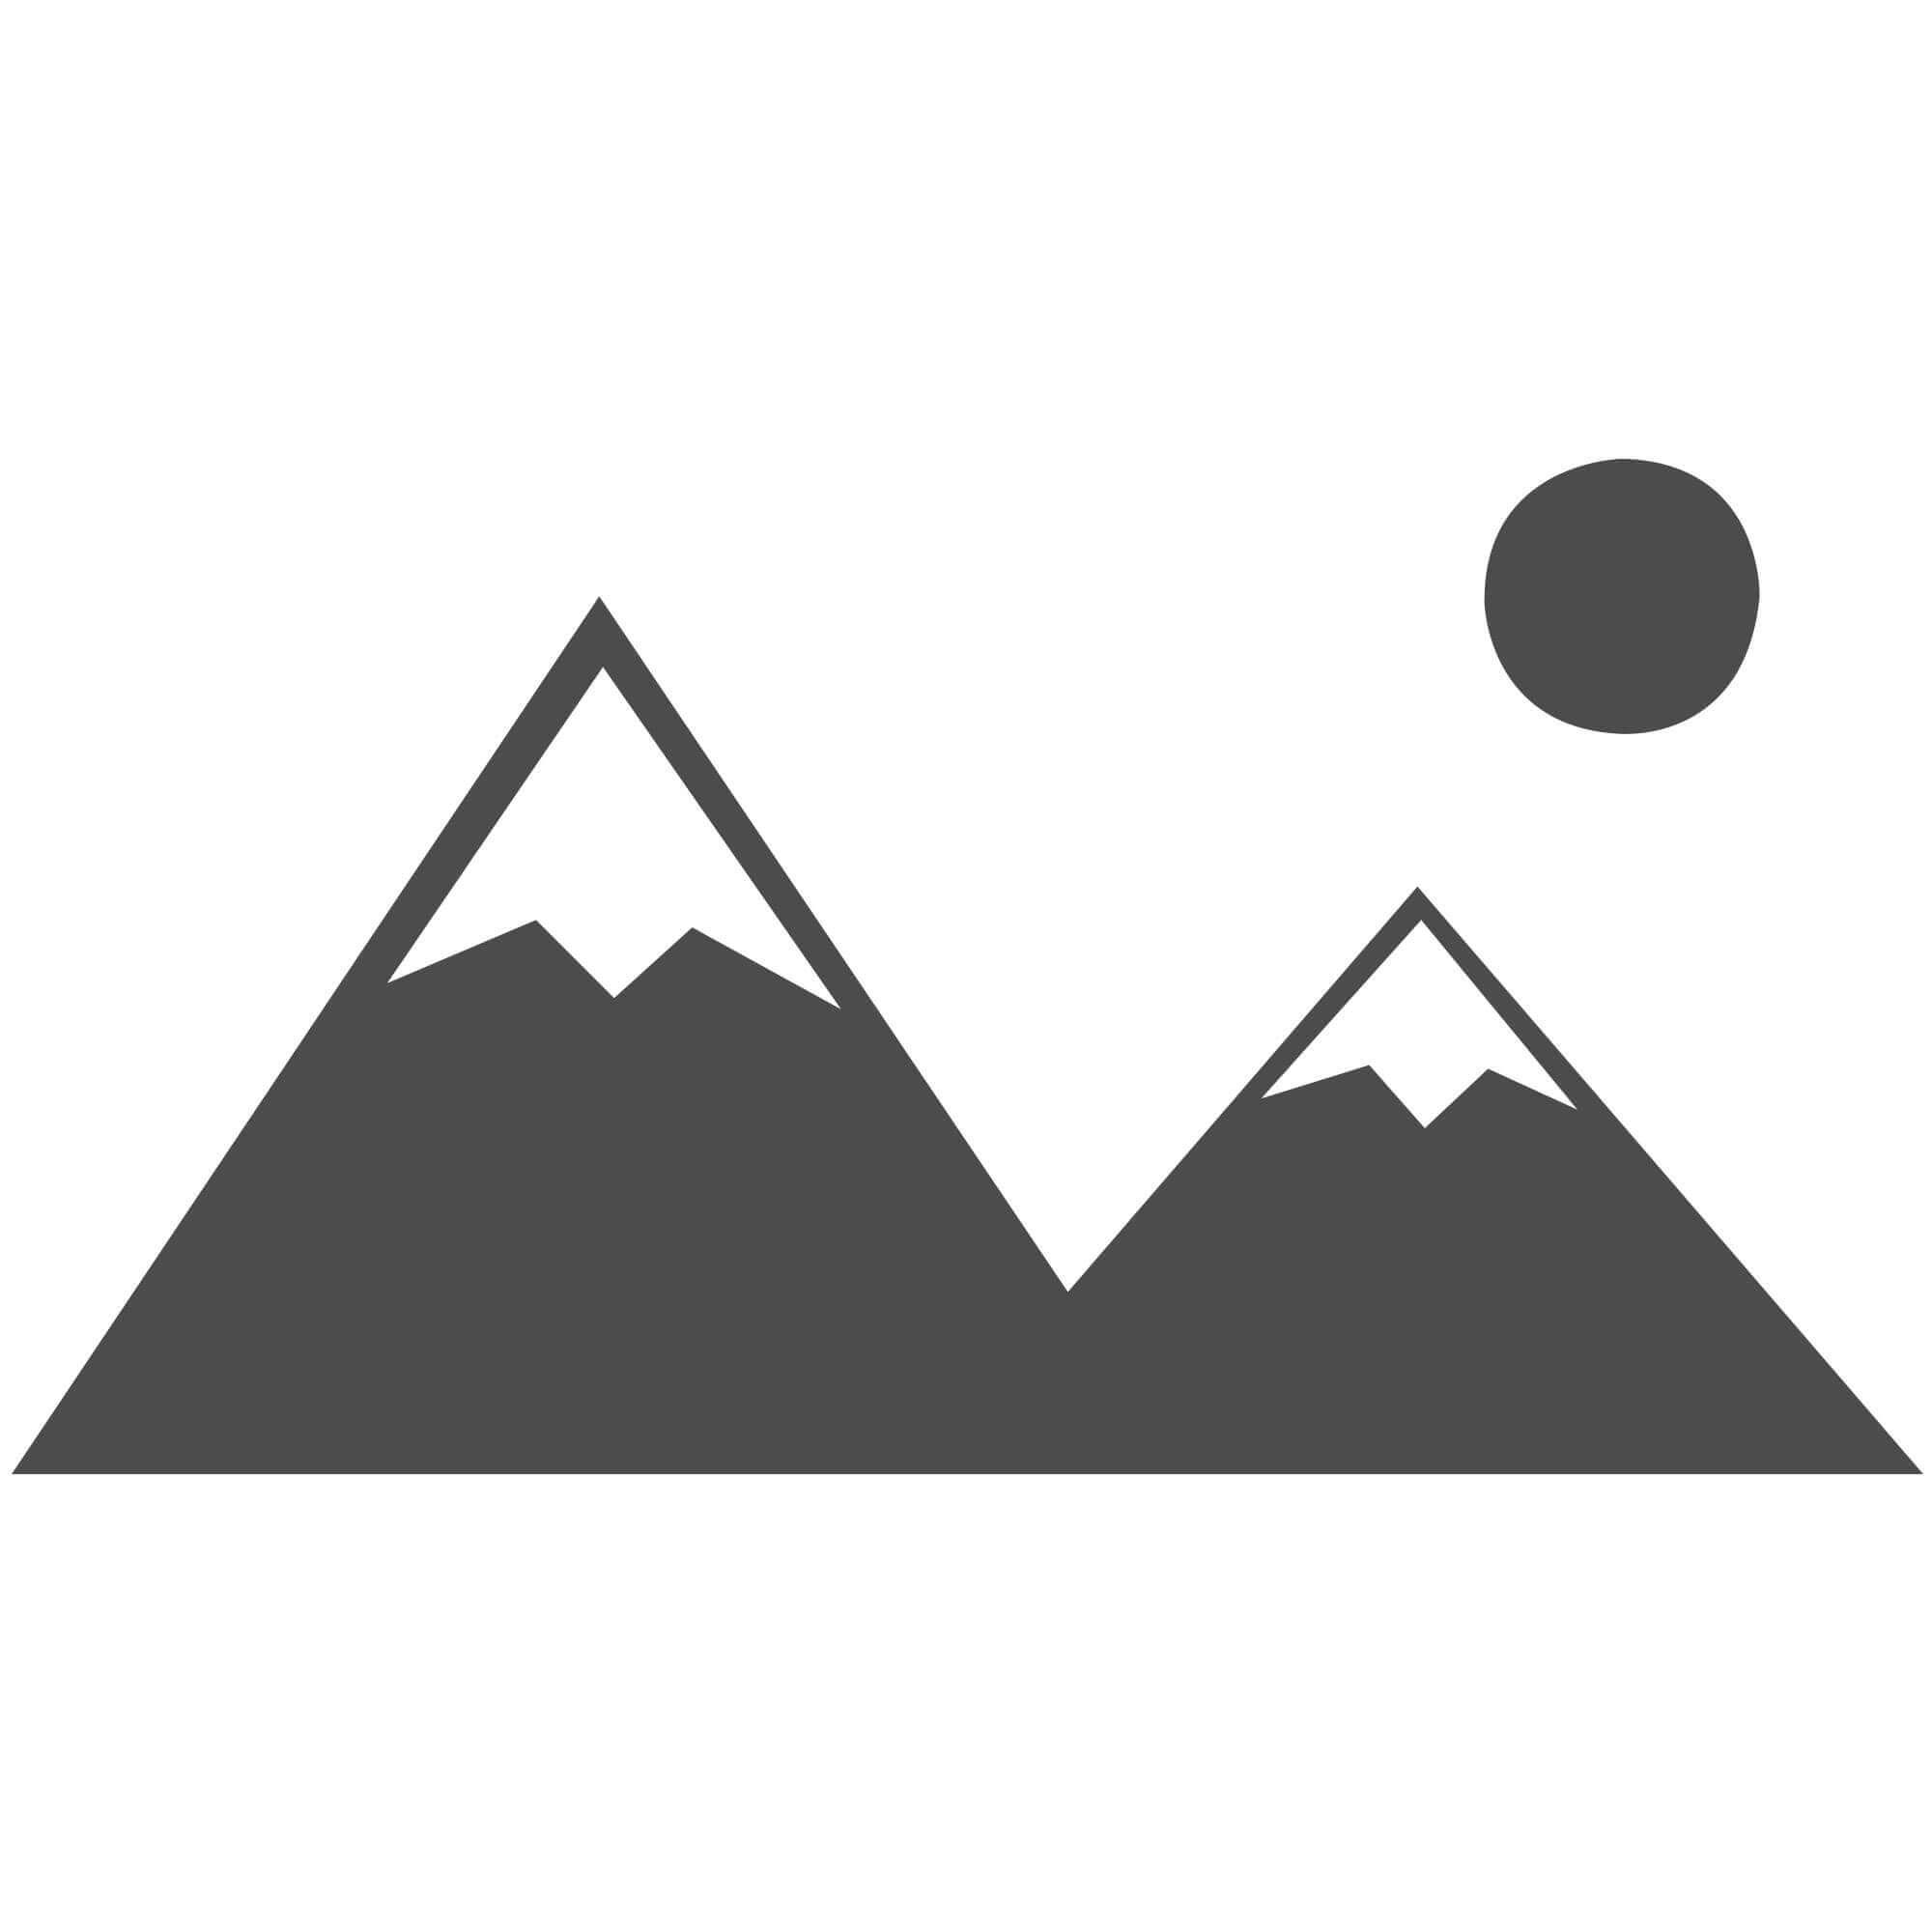 """Arabesque Moroccan Pattern Wool Rug - Beige-80 x 150 cm (2'8"""" x 5')"""